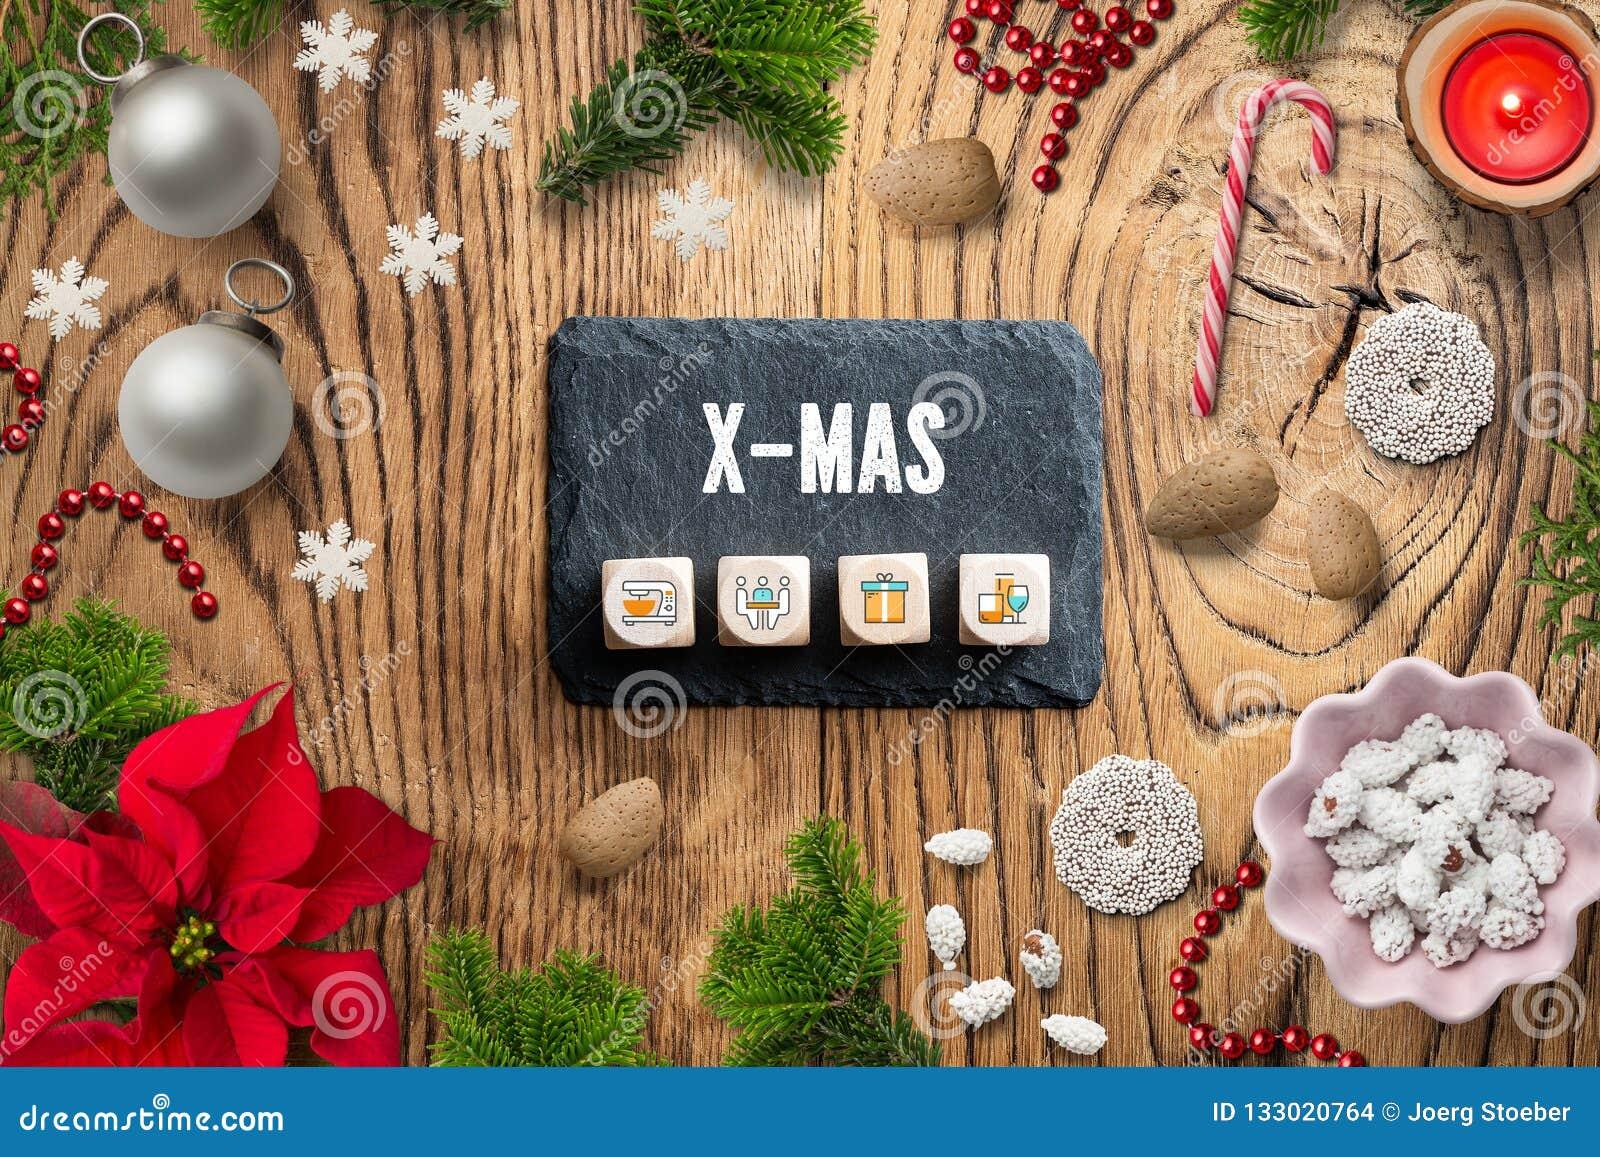 圣诞装饰和消息'X-MAS'